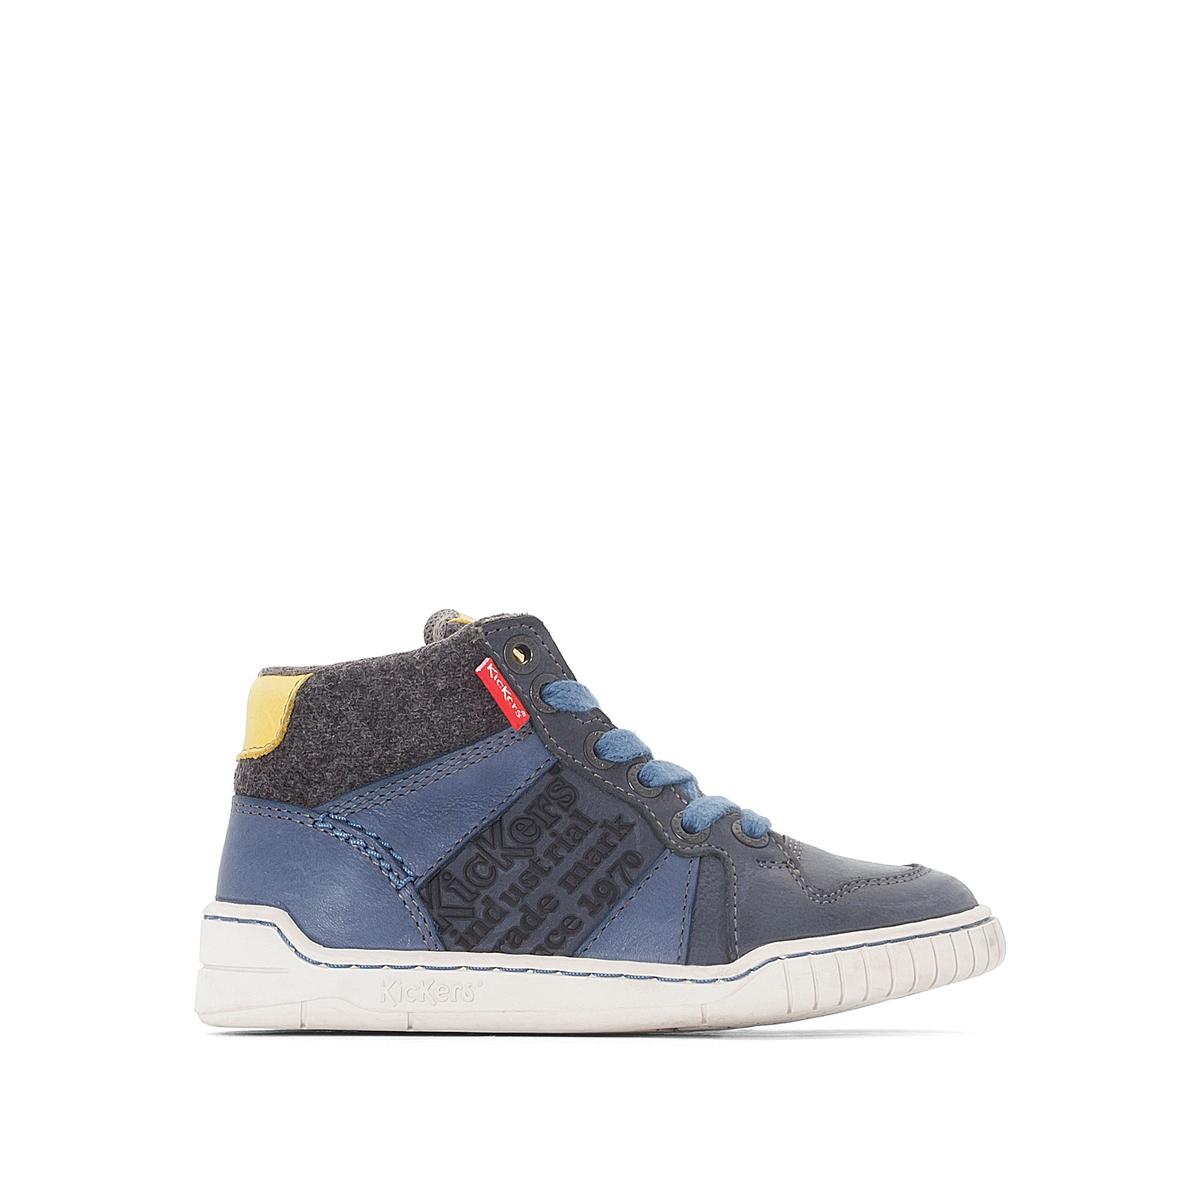 Кеды высокие WAZABIОписание:Детали  •  Кеды высокие •  Спортивный стиль •  Плоский каблук •  Застежка : на молнию •  Гладкая отделкаСостав и уход  •  Верх 100% кожа •  Подкладка 100% текстиль •  Стелька 100% спилок •  Подошва 100% синтетический материал<br><br>Цвет: каштановый,синий,черный